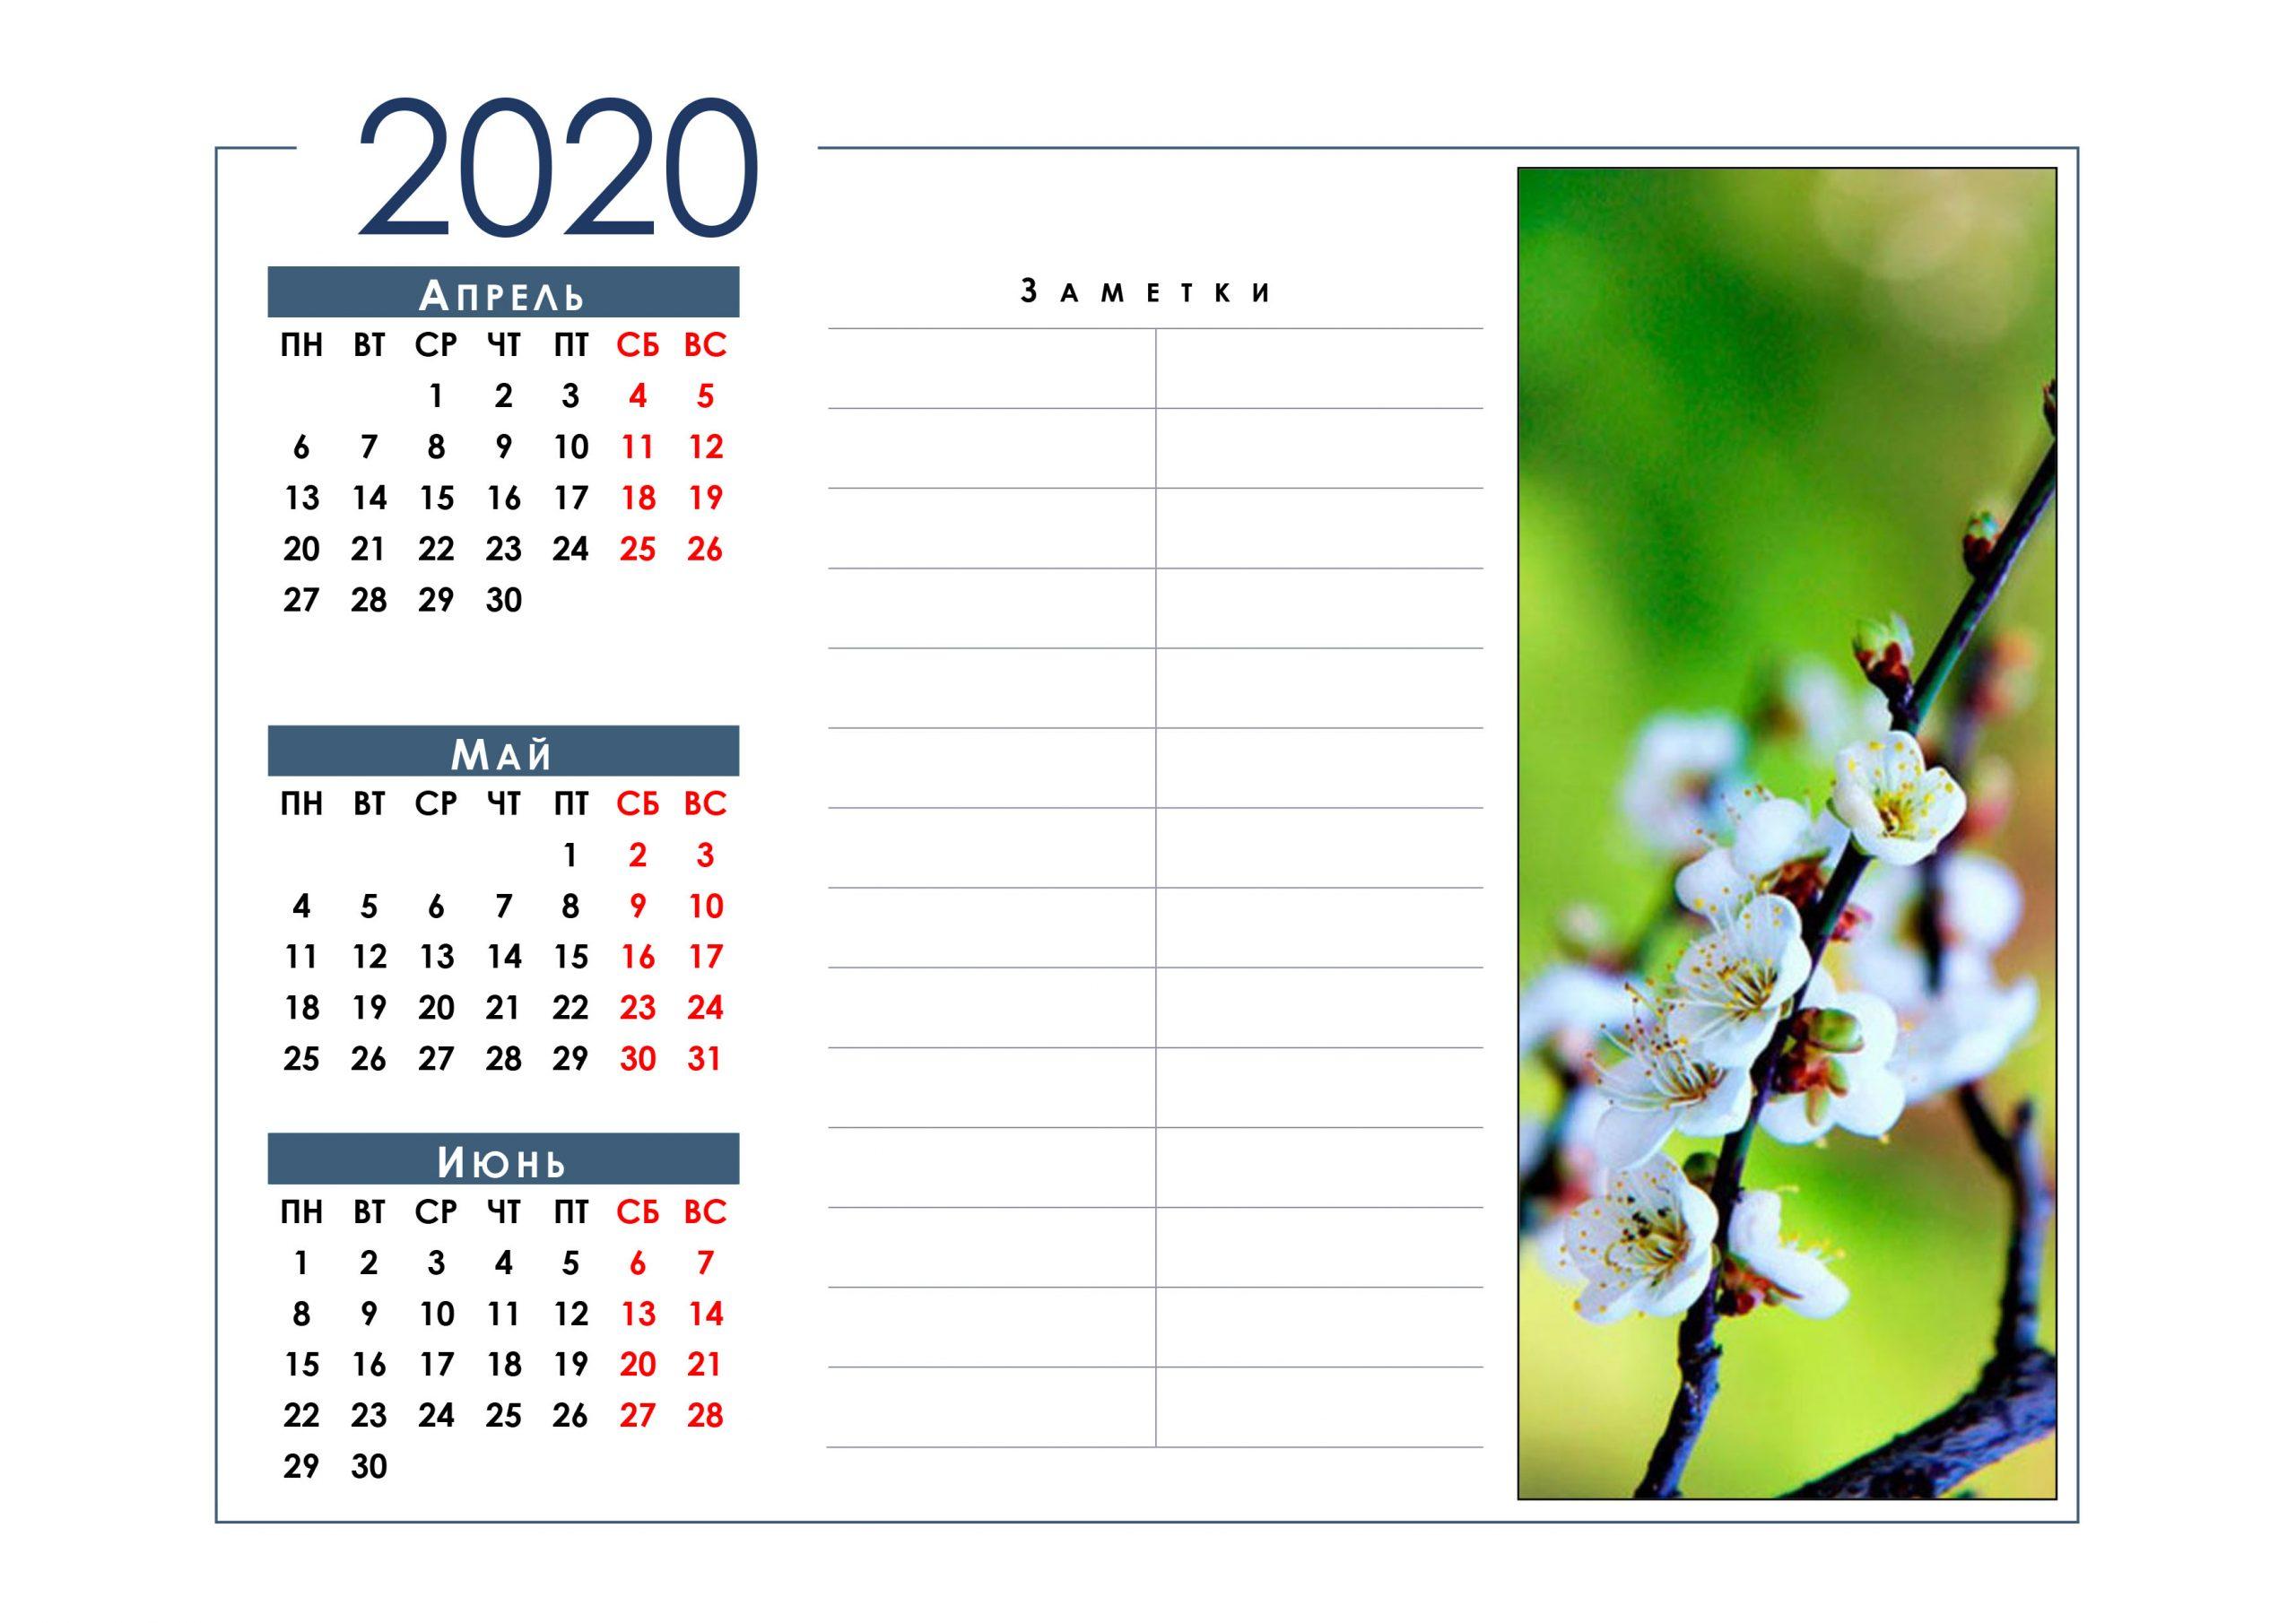 Календарь На Апрель, Май, Июнь 2020: Скачать И Распечатать